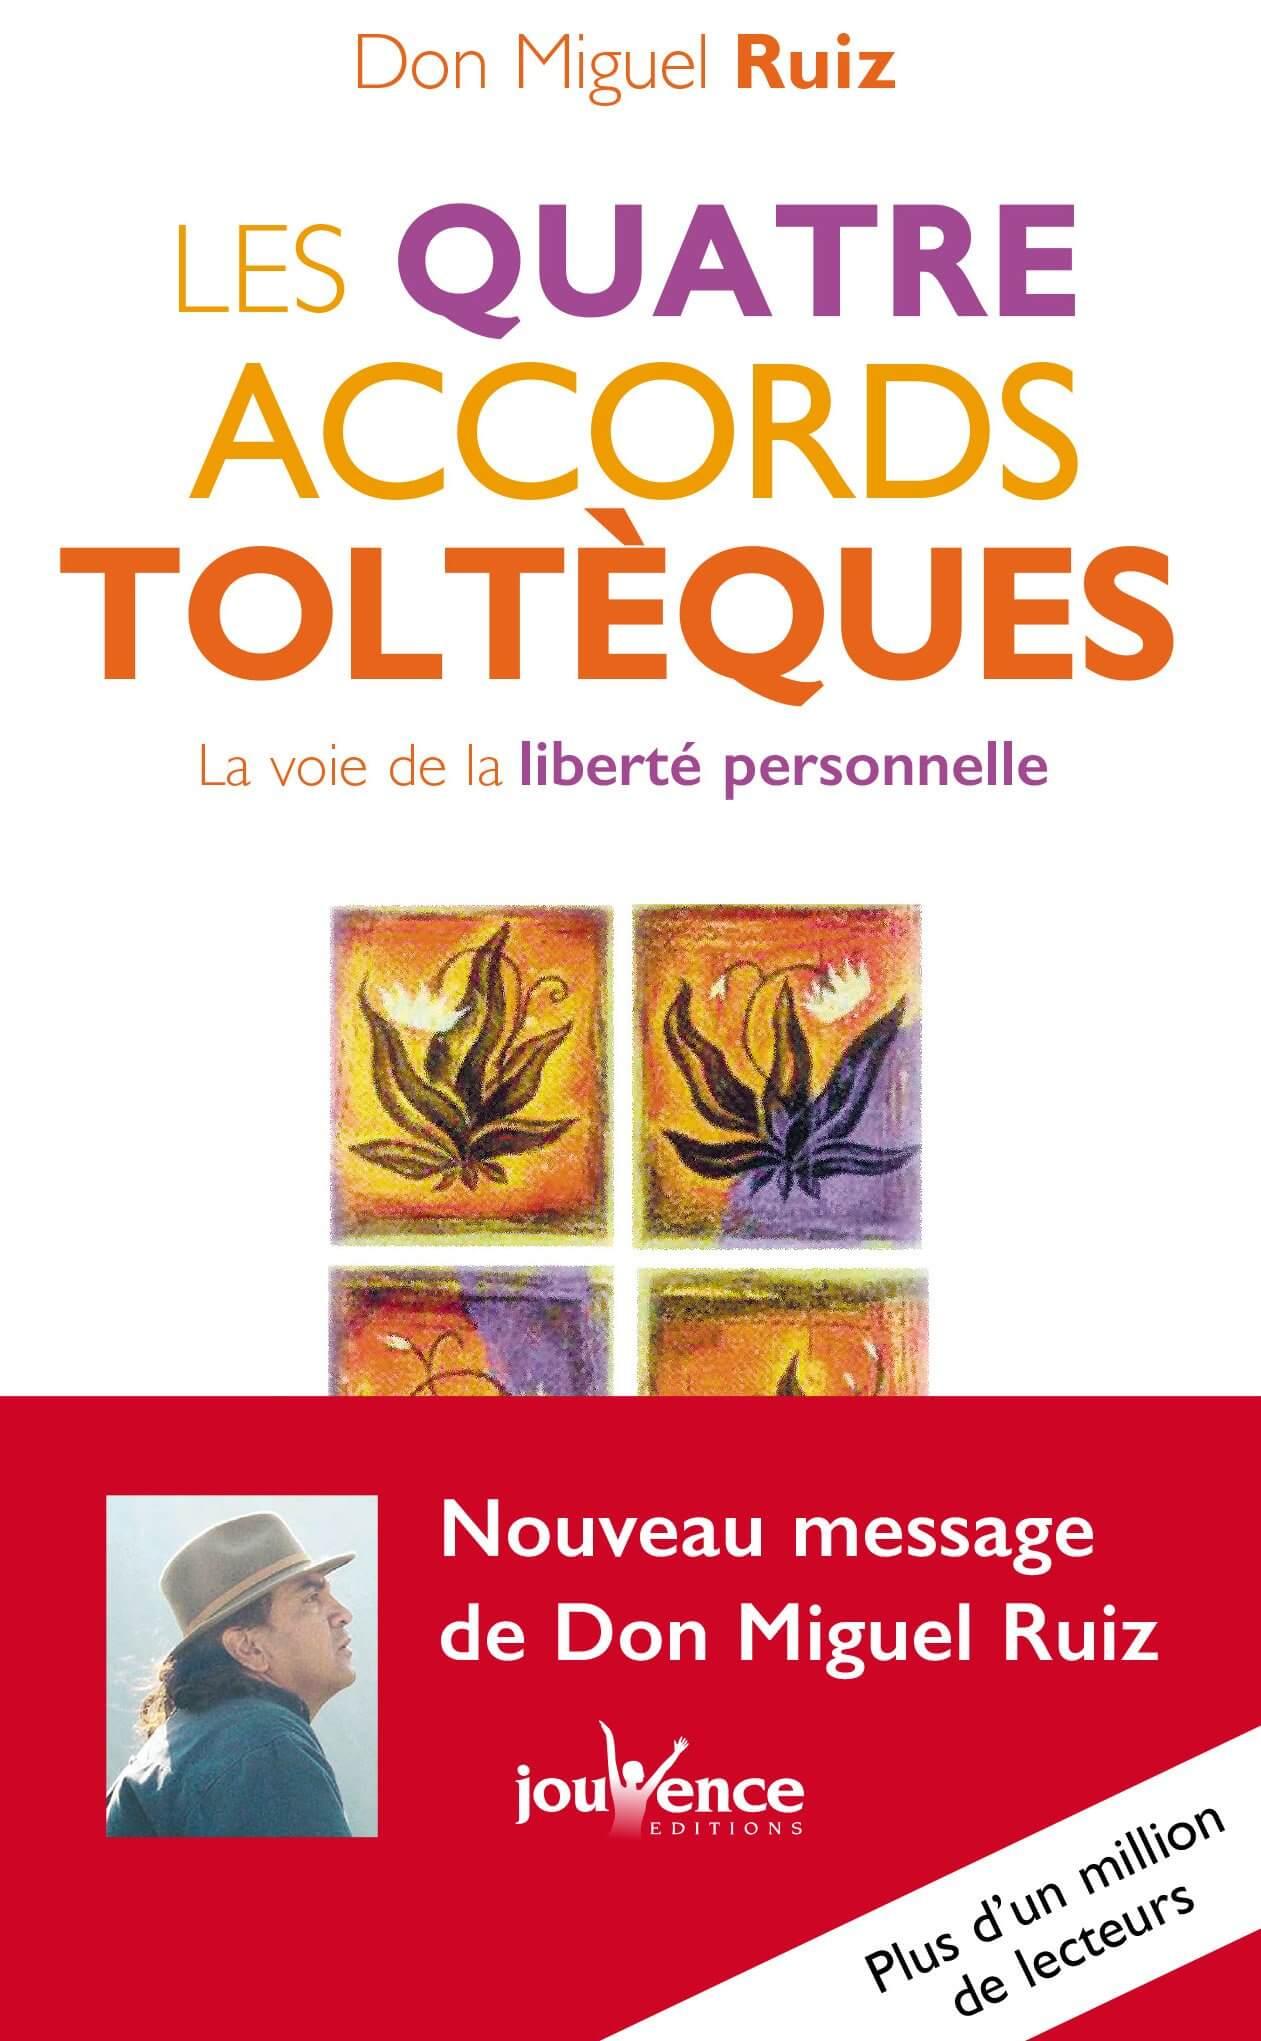 Les 4 accords toltèques - Don Miguel Ruiz